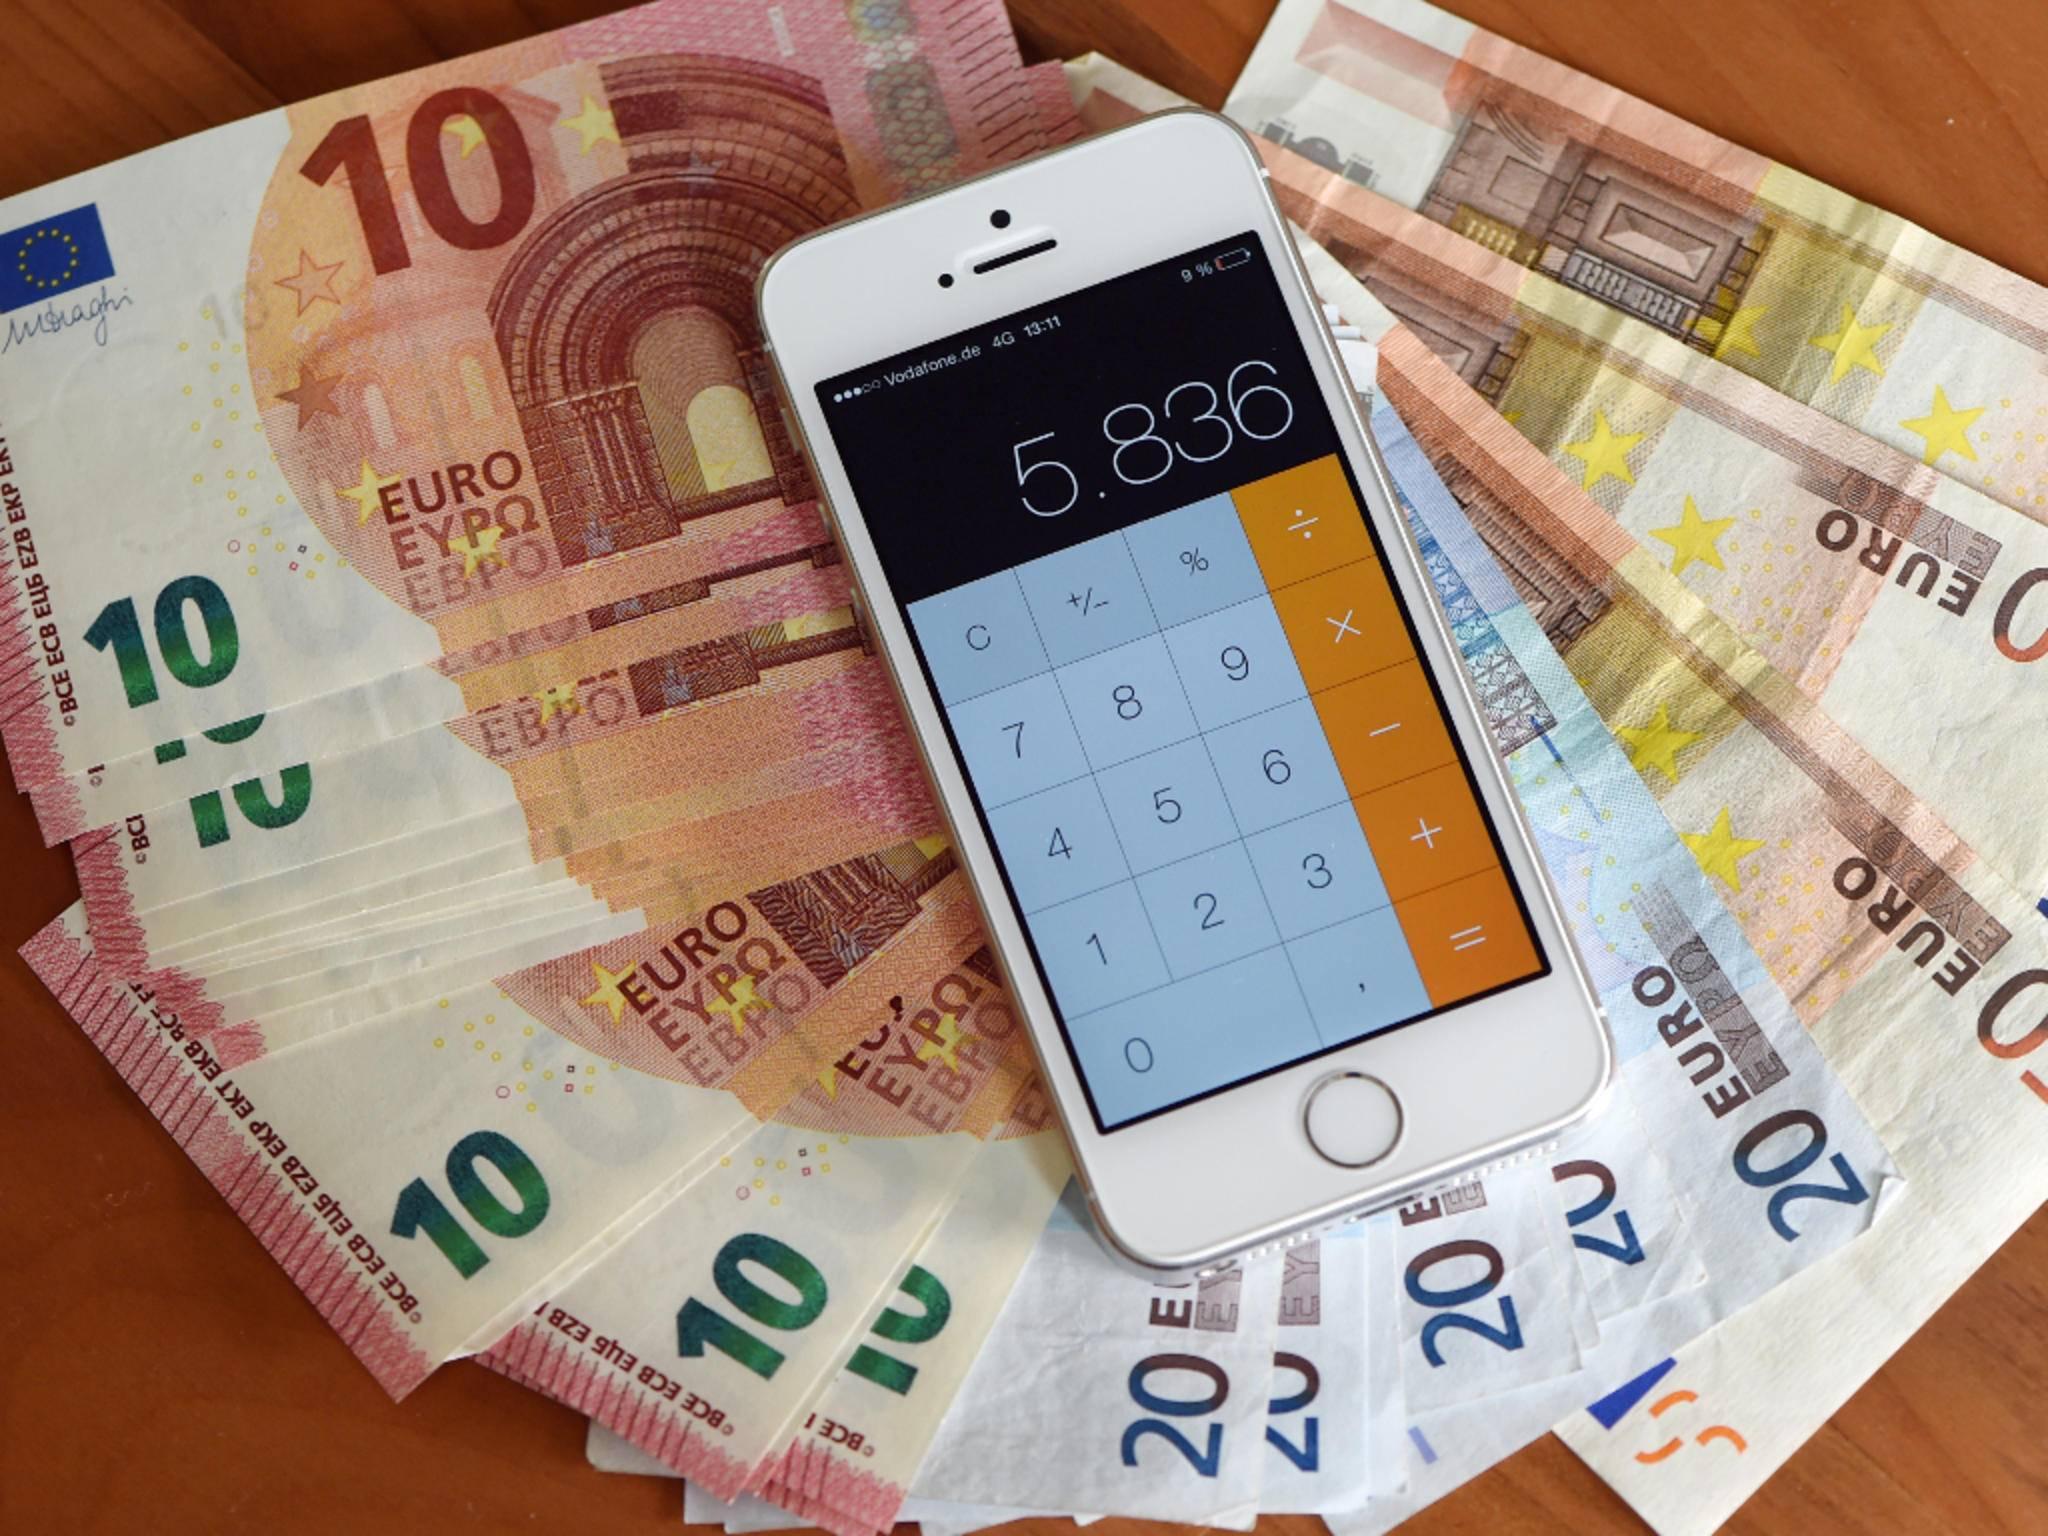 Mit manchen Smartphone-Apps kannst Du bares Geld sparen.